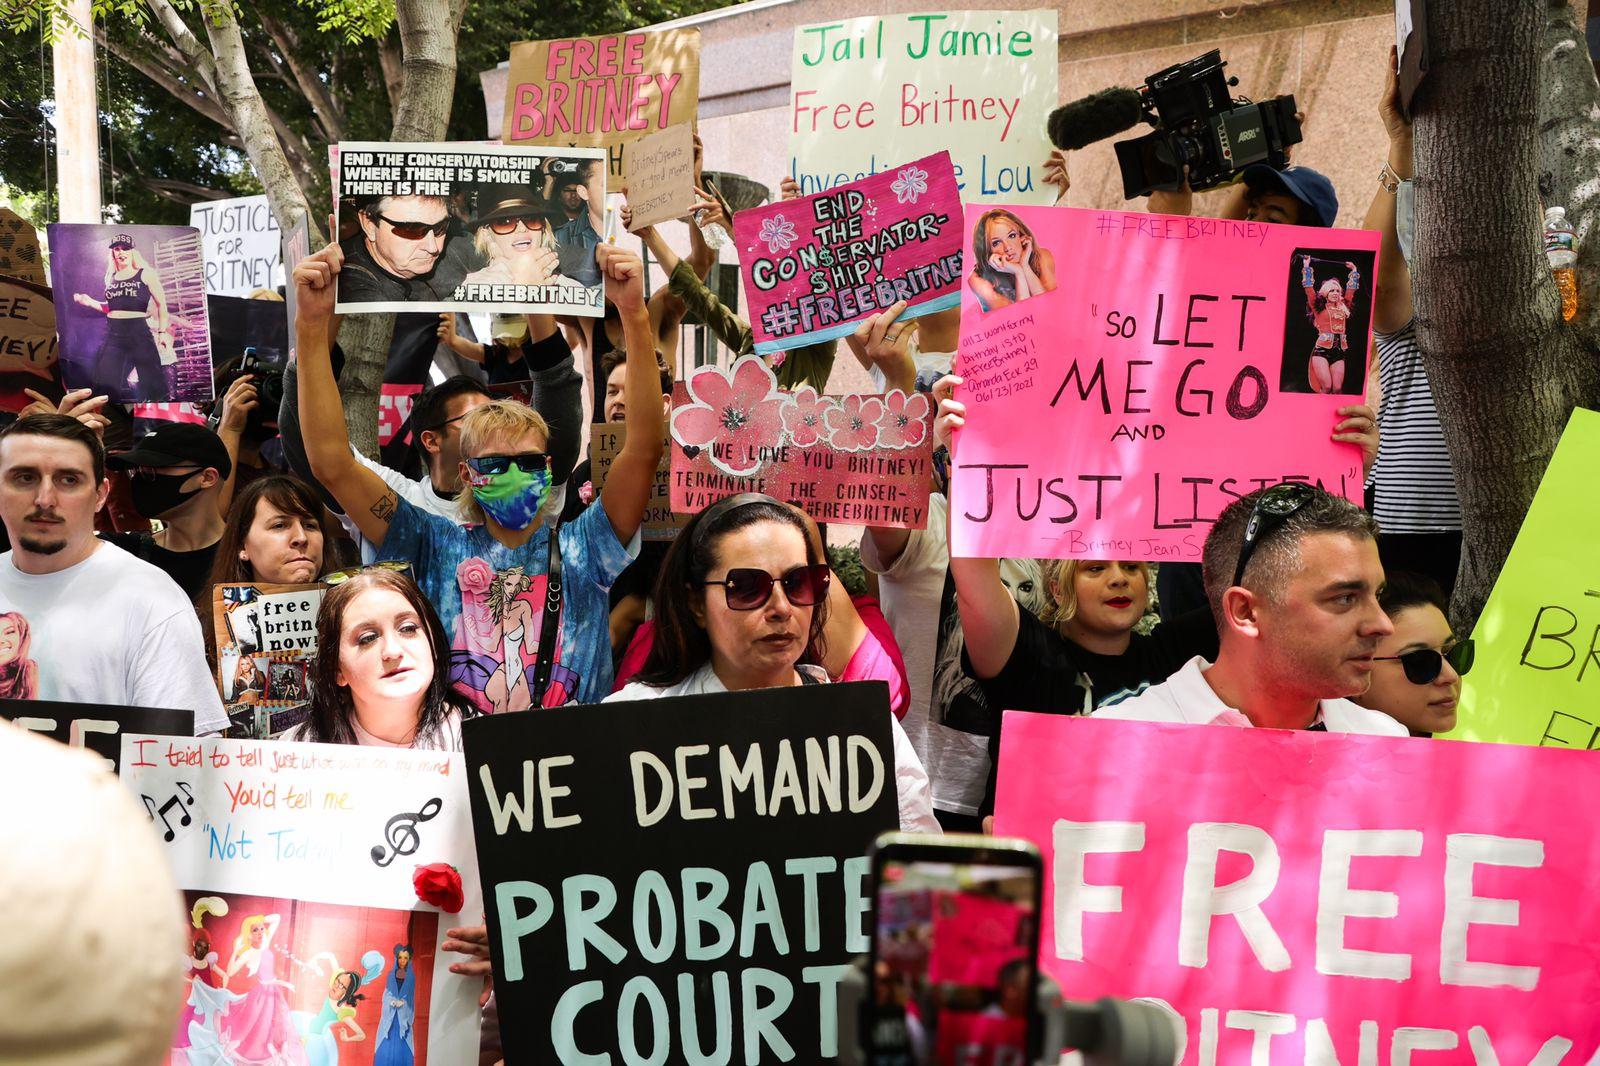 #FreeBritney: Britney Spears pide el fin de la tutela legal sobre su vida y su patrimonio